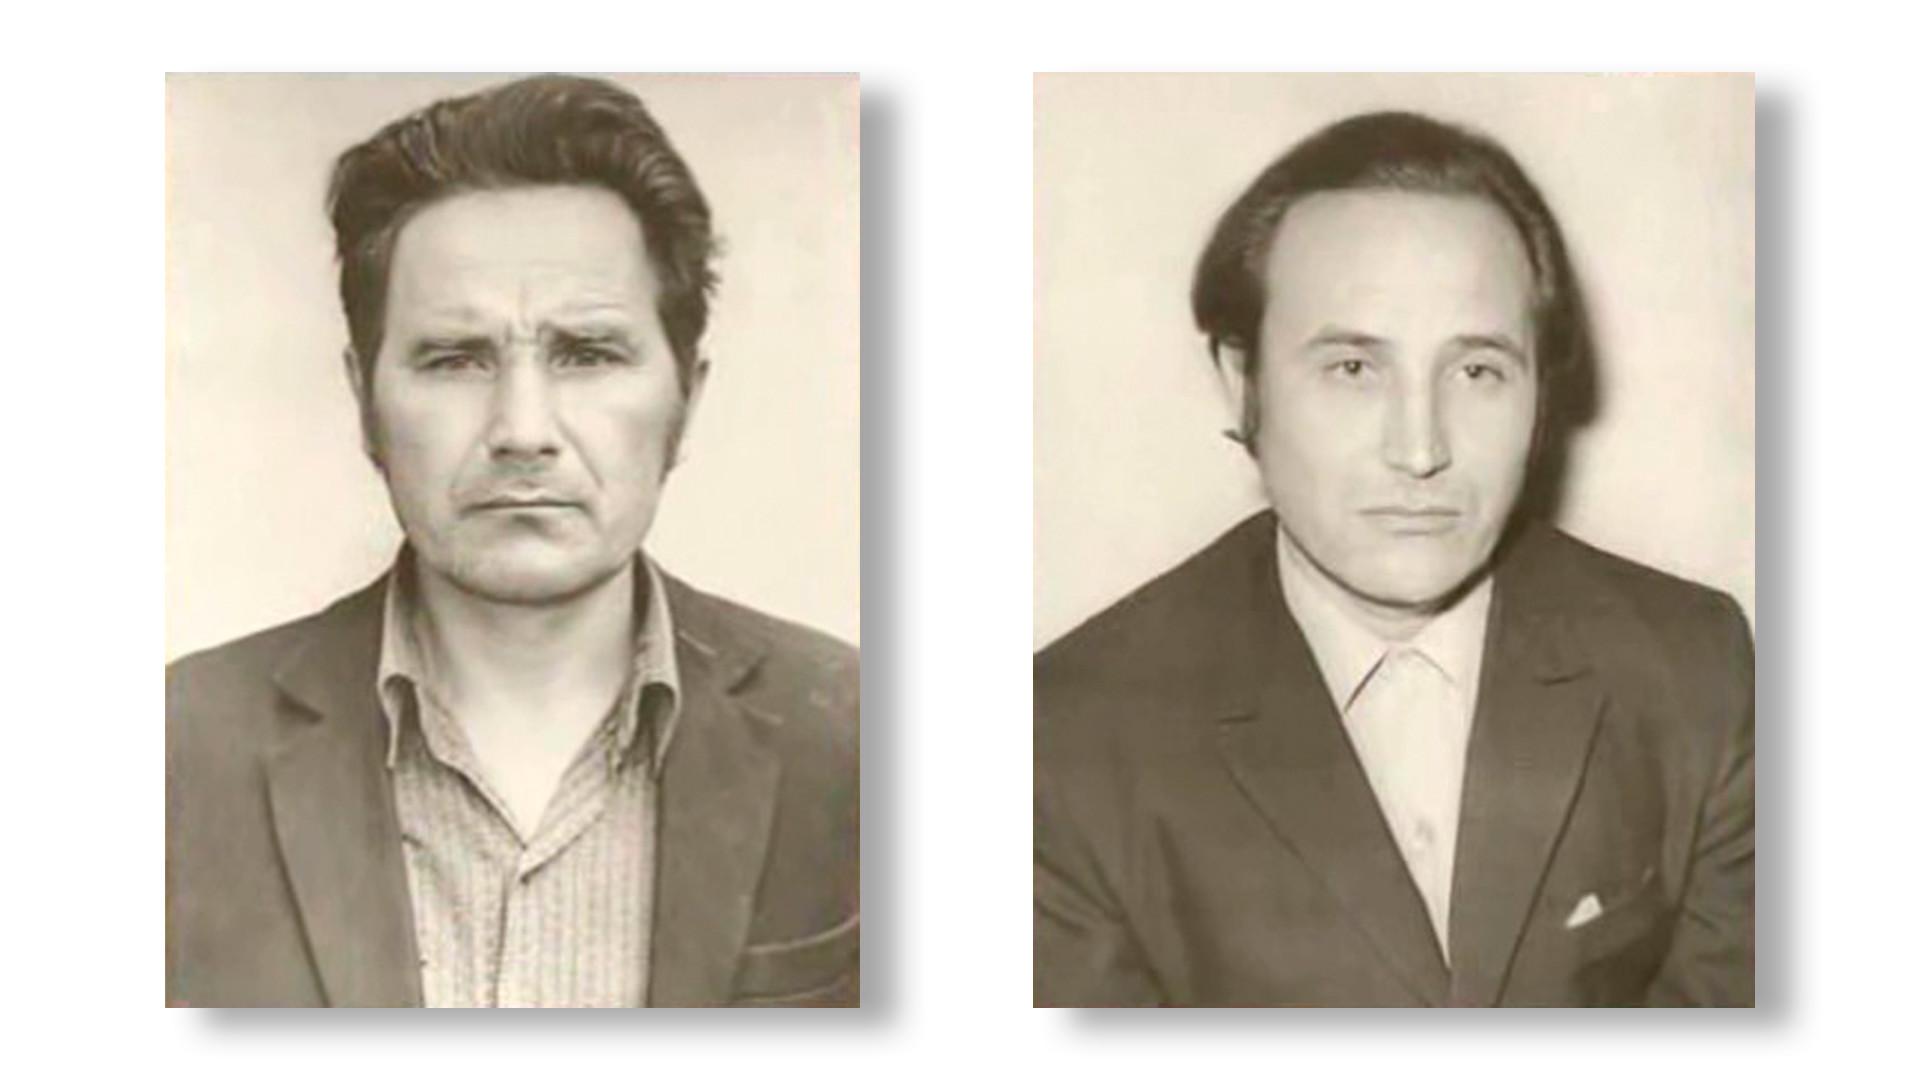 ヴャチェスラフ・トルストピャトフと兄のウラジーミル